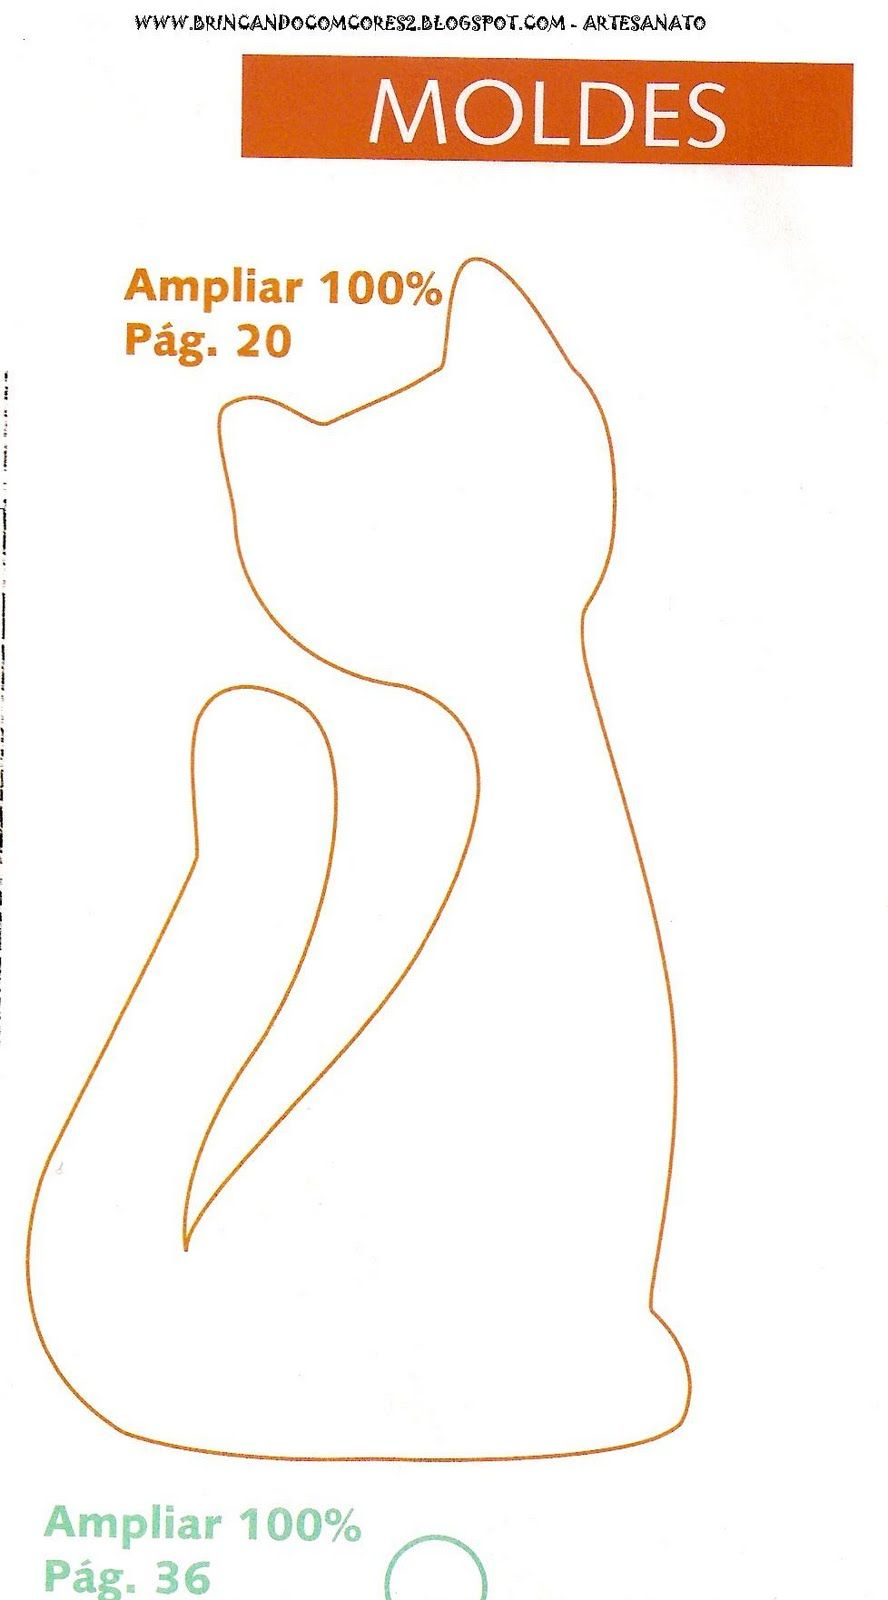 Pin de Silvia Melo en costura pins | Pinterest | Moldes, Costura y ...